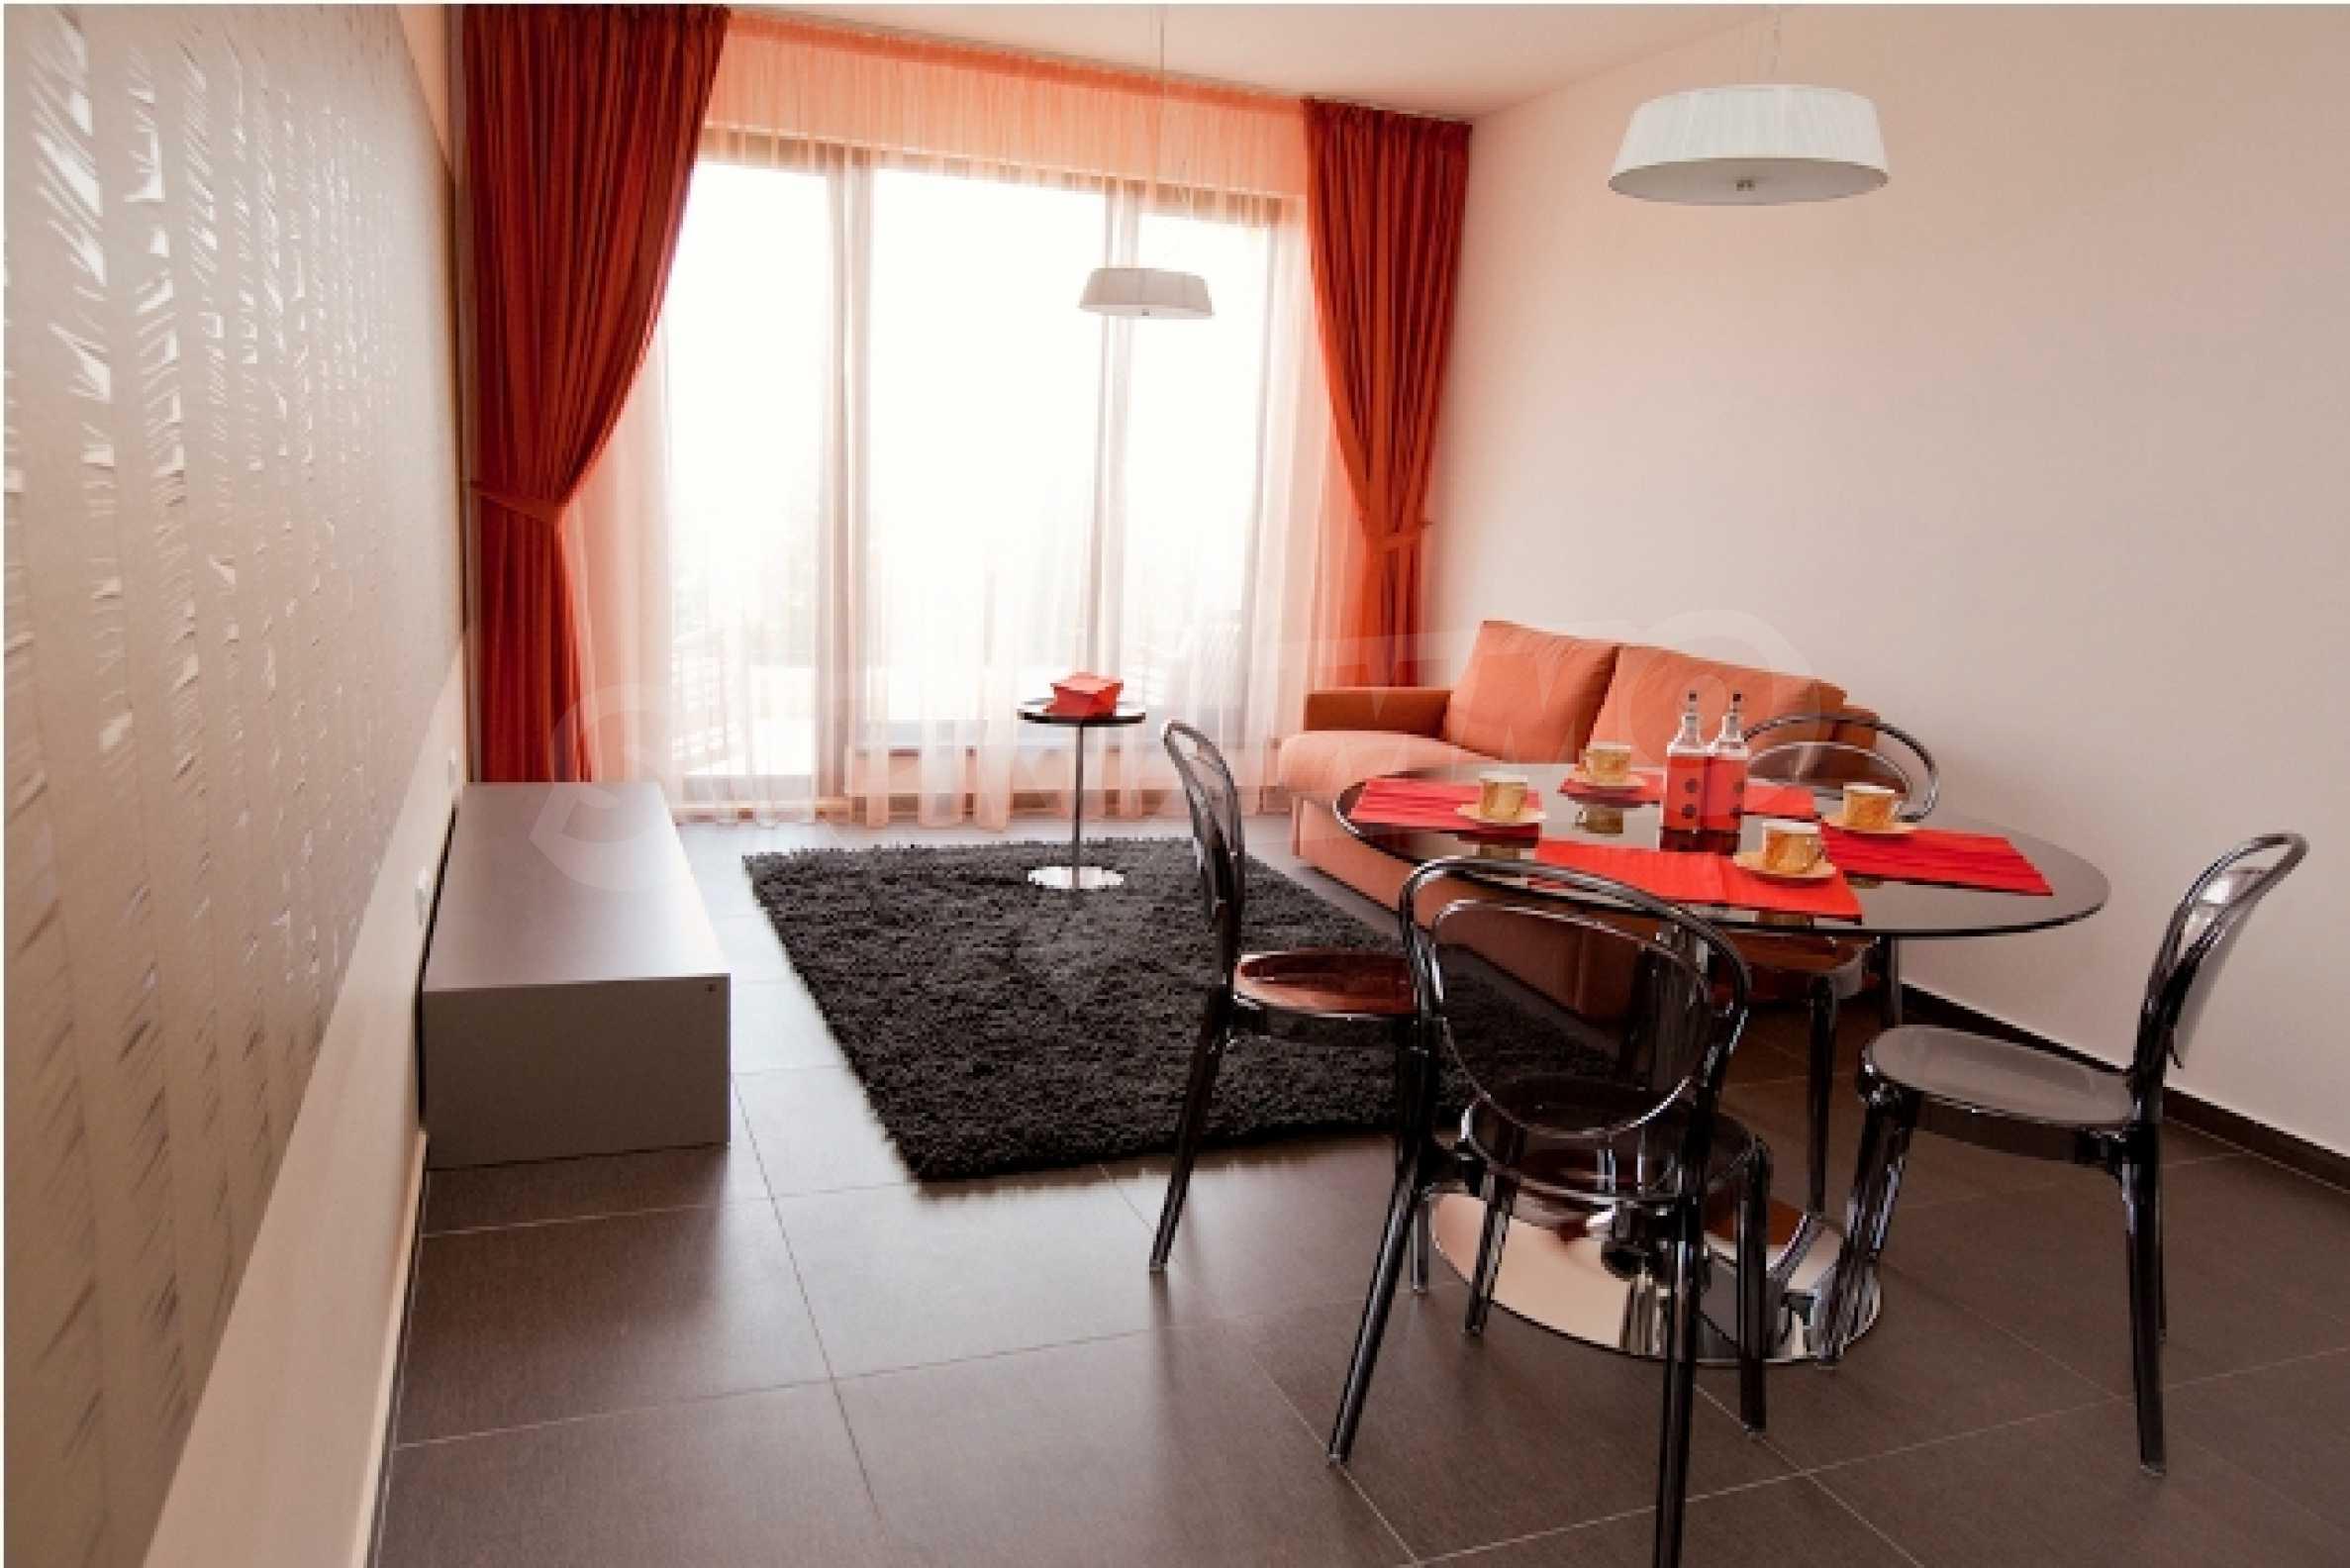 Wohnung in St.St. Constantine und Helena 31